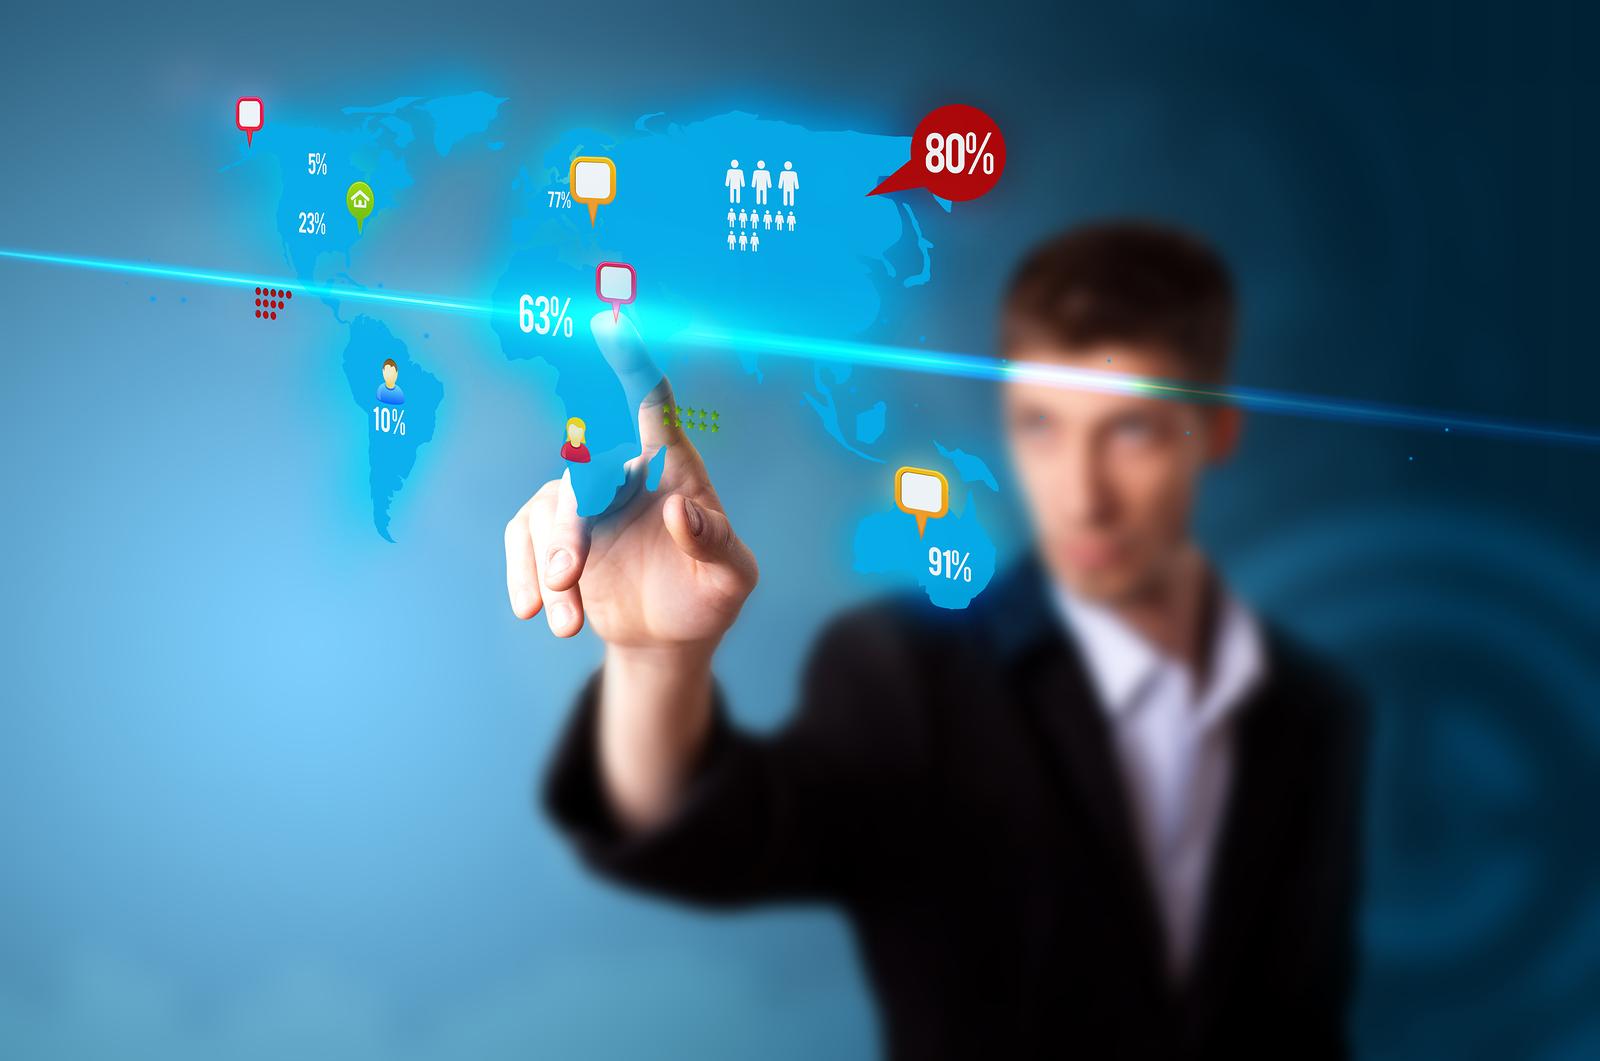 Scegliere la migliore piattaforma di social media per le aziende